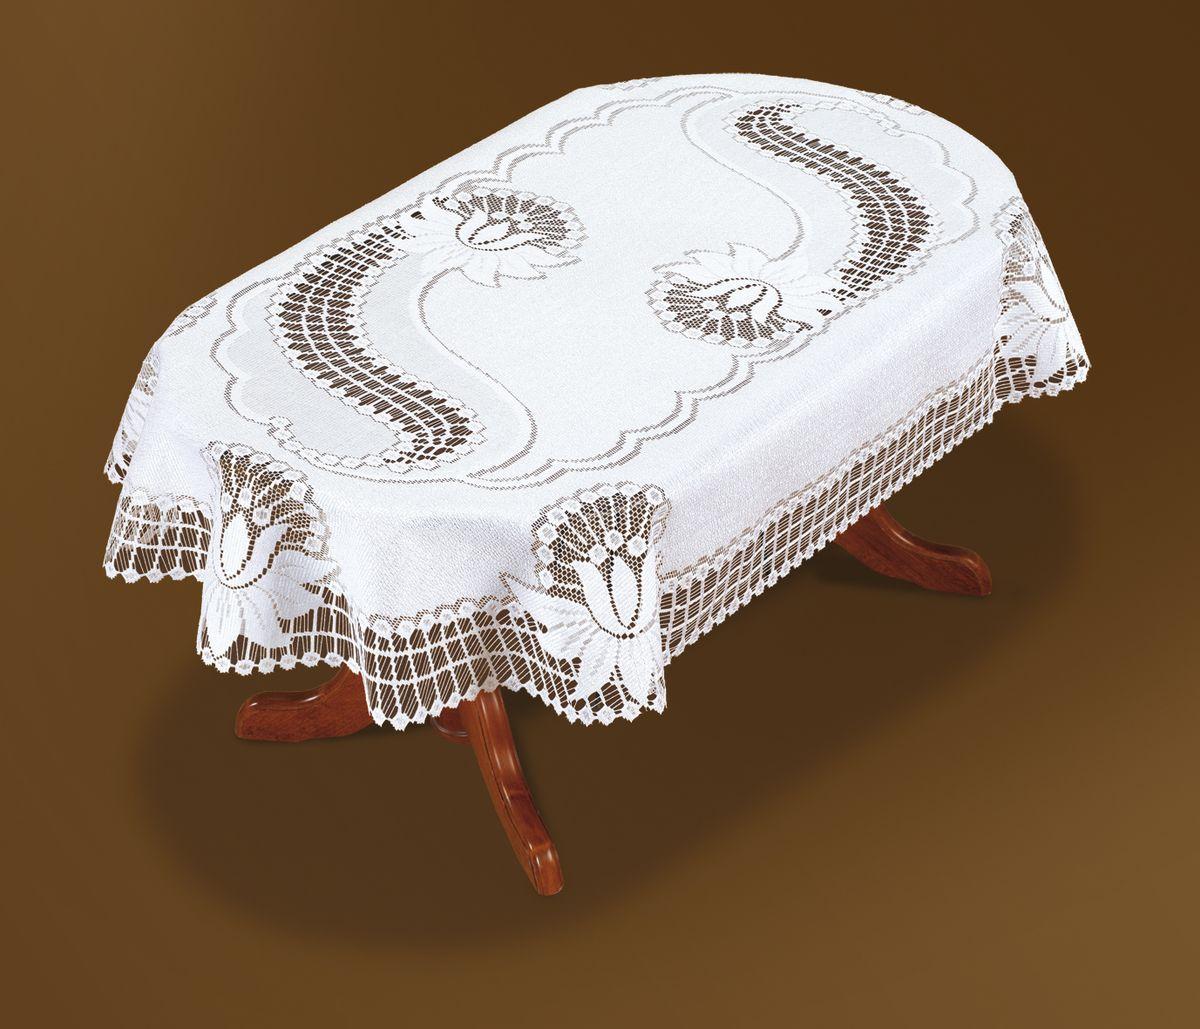 Скатерть Haft, овальная, цвет: белый, 180 x 130 см. 46081-130 скатерть haft овальная цвет кремовый золотистый 150 x 300 см 54111 150